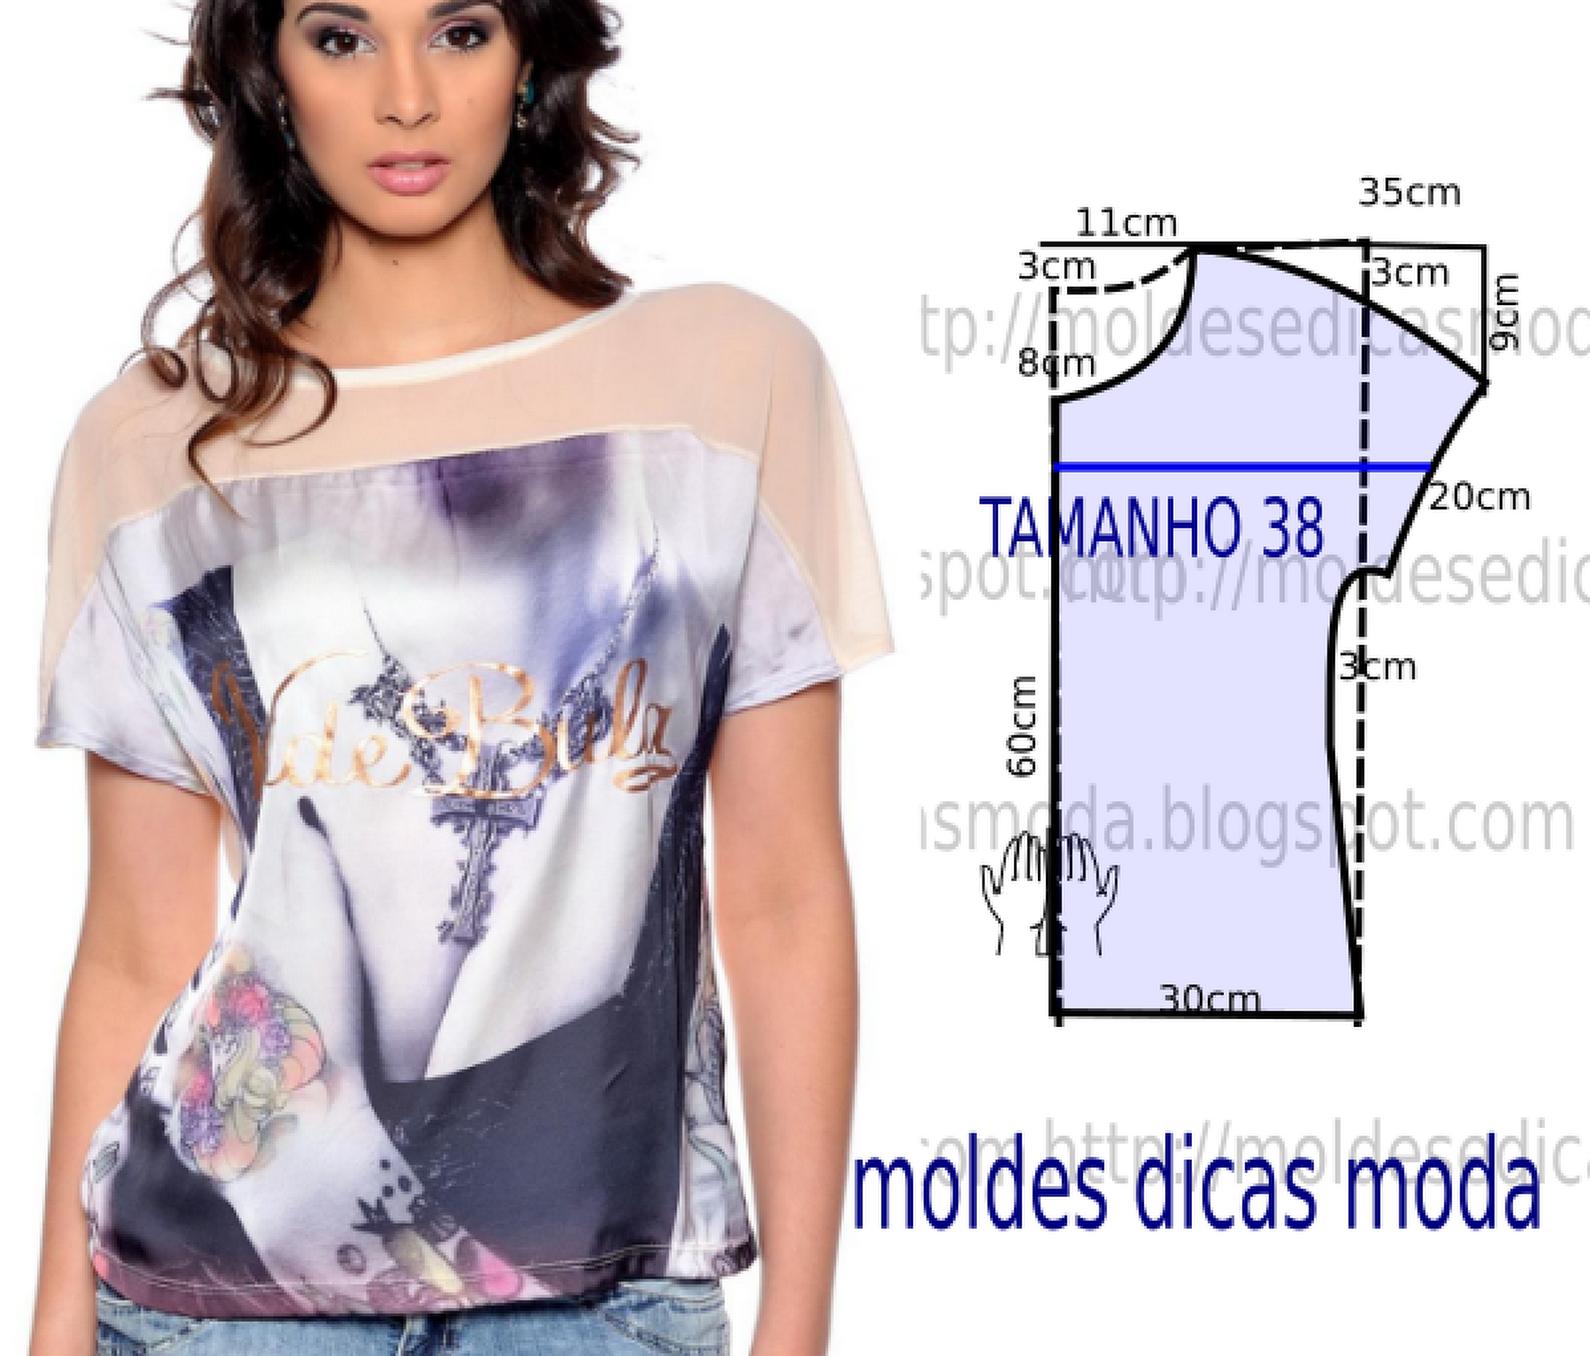 BLUSA EM TULE TRANSPARENTE - Moldes Moda por Medida | Molderia ...